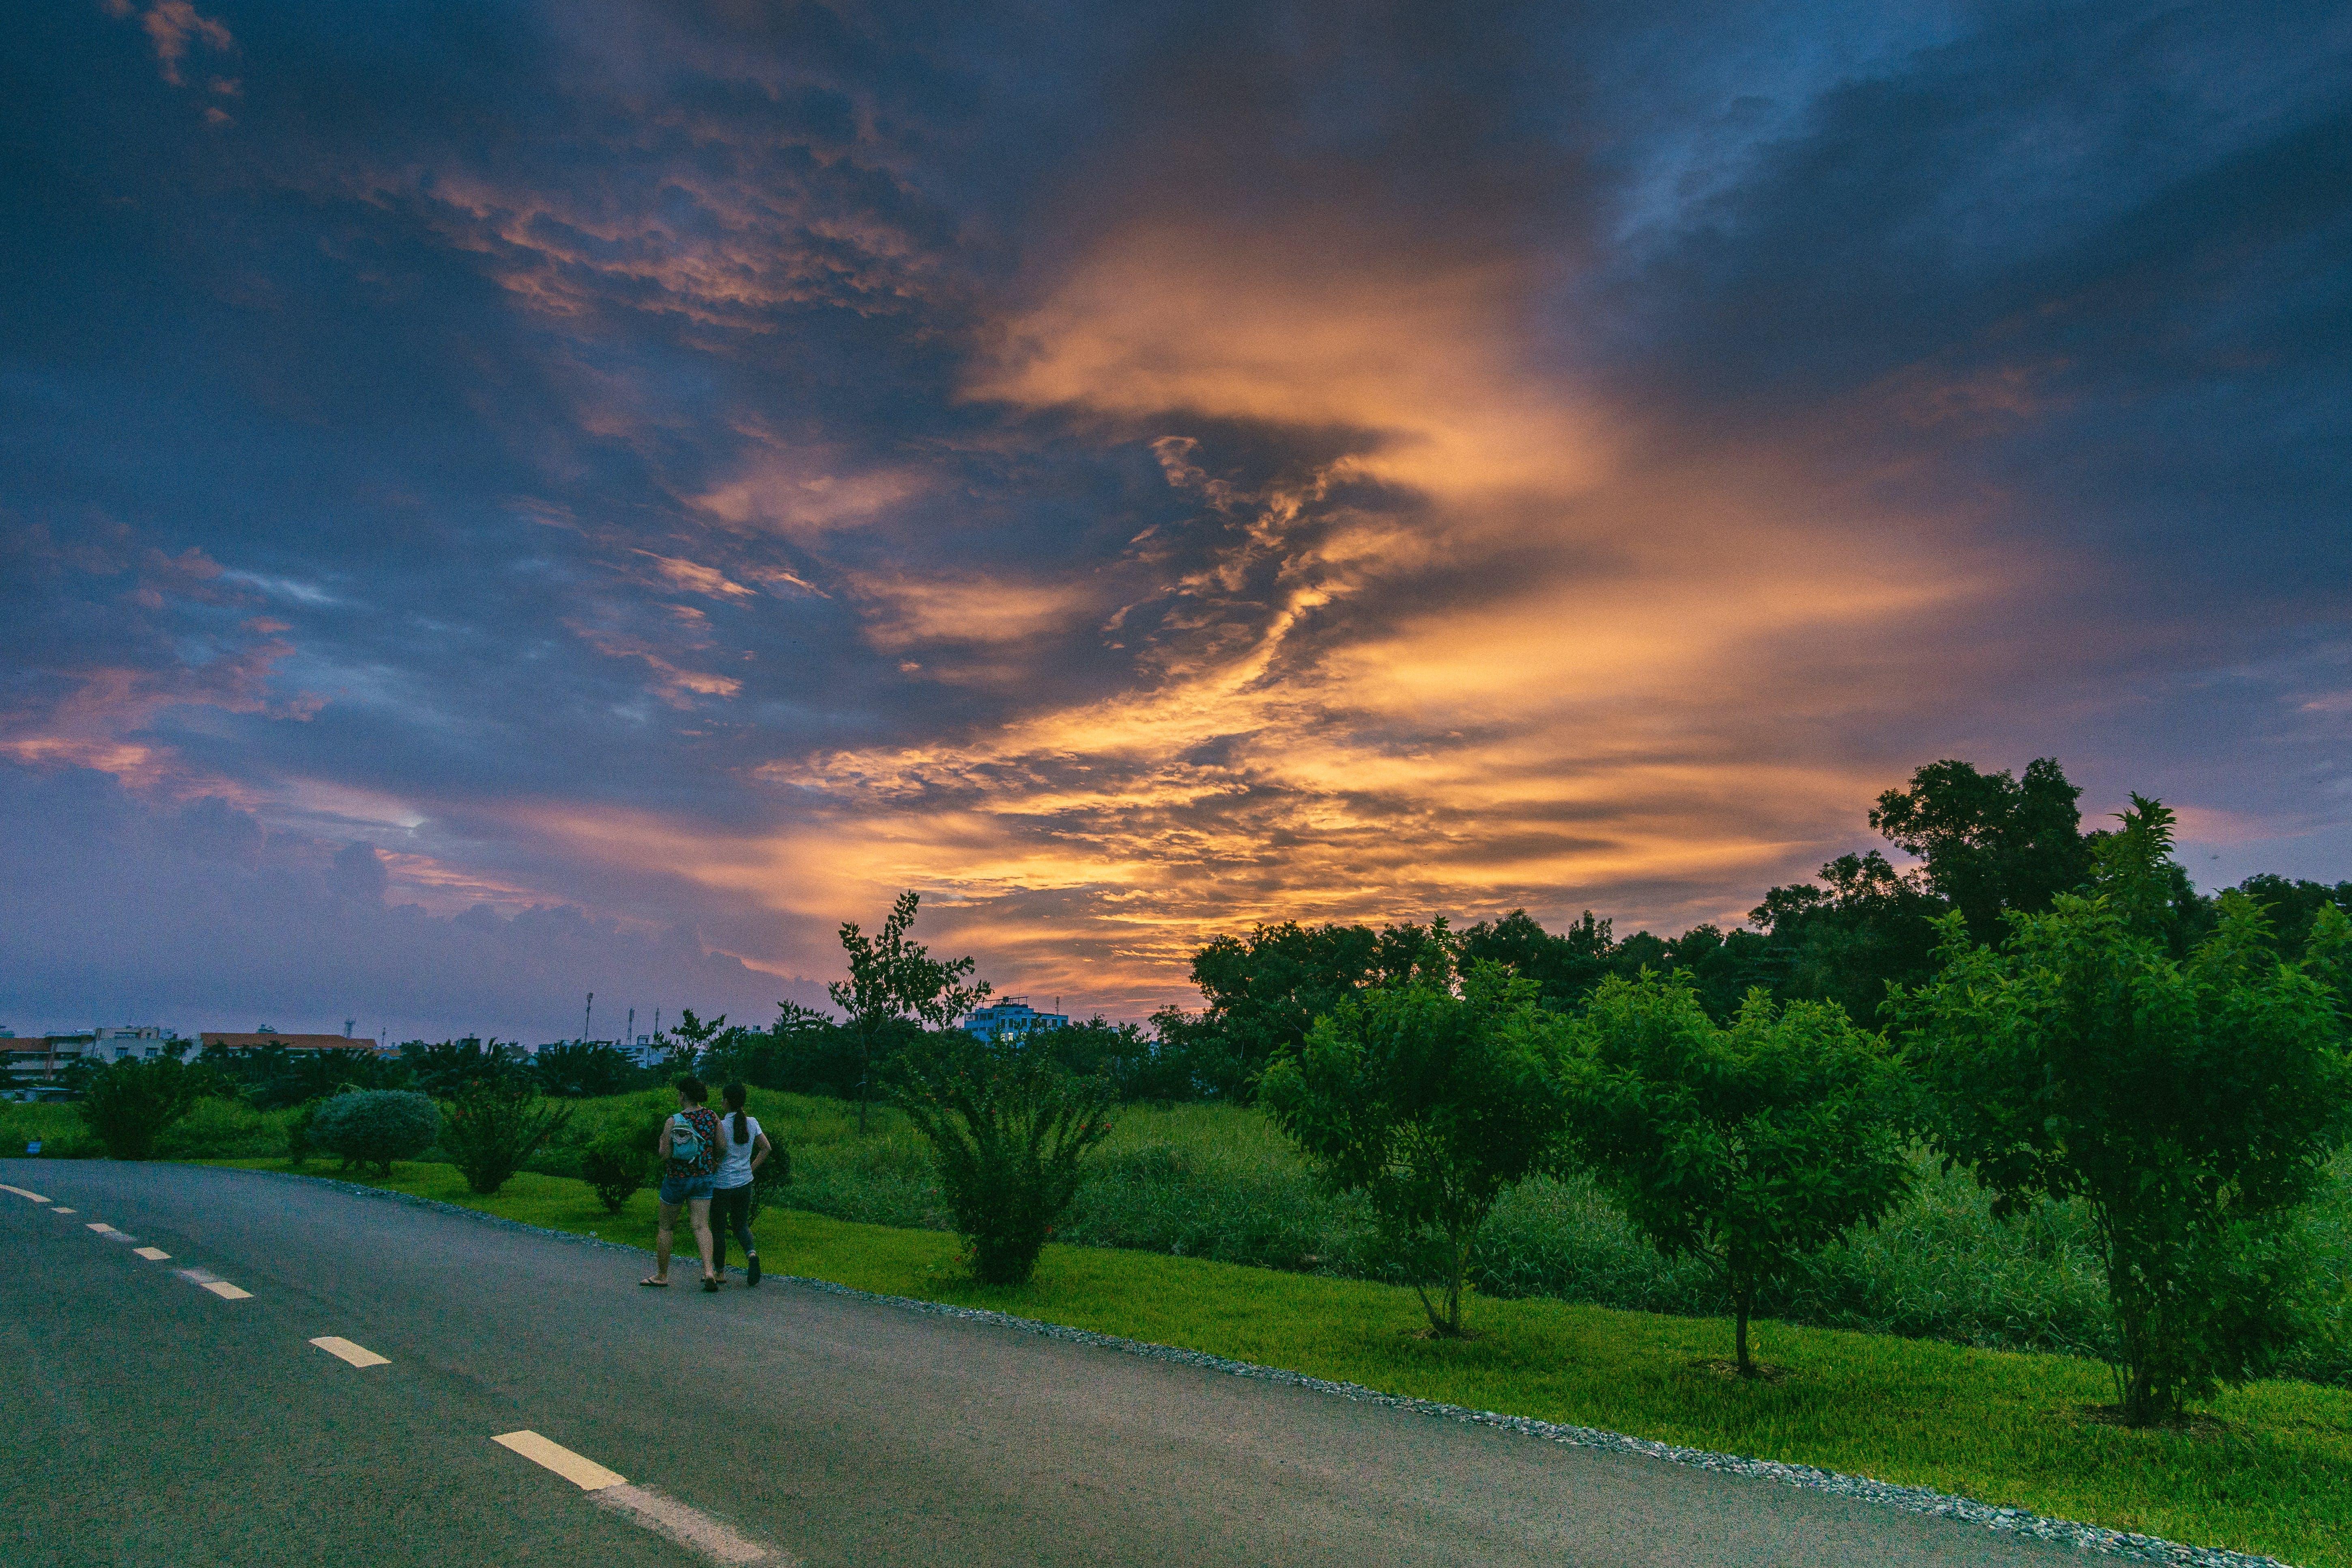 Two Person Walking on Road Beside Grass Field